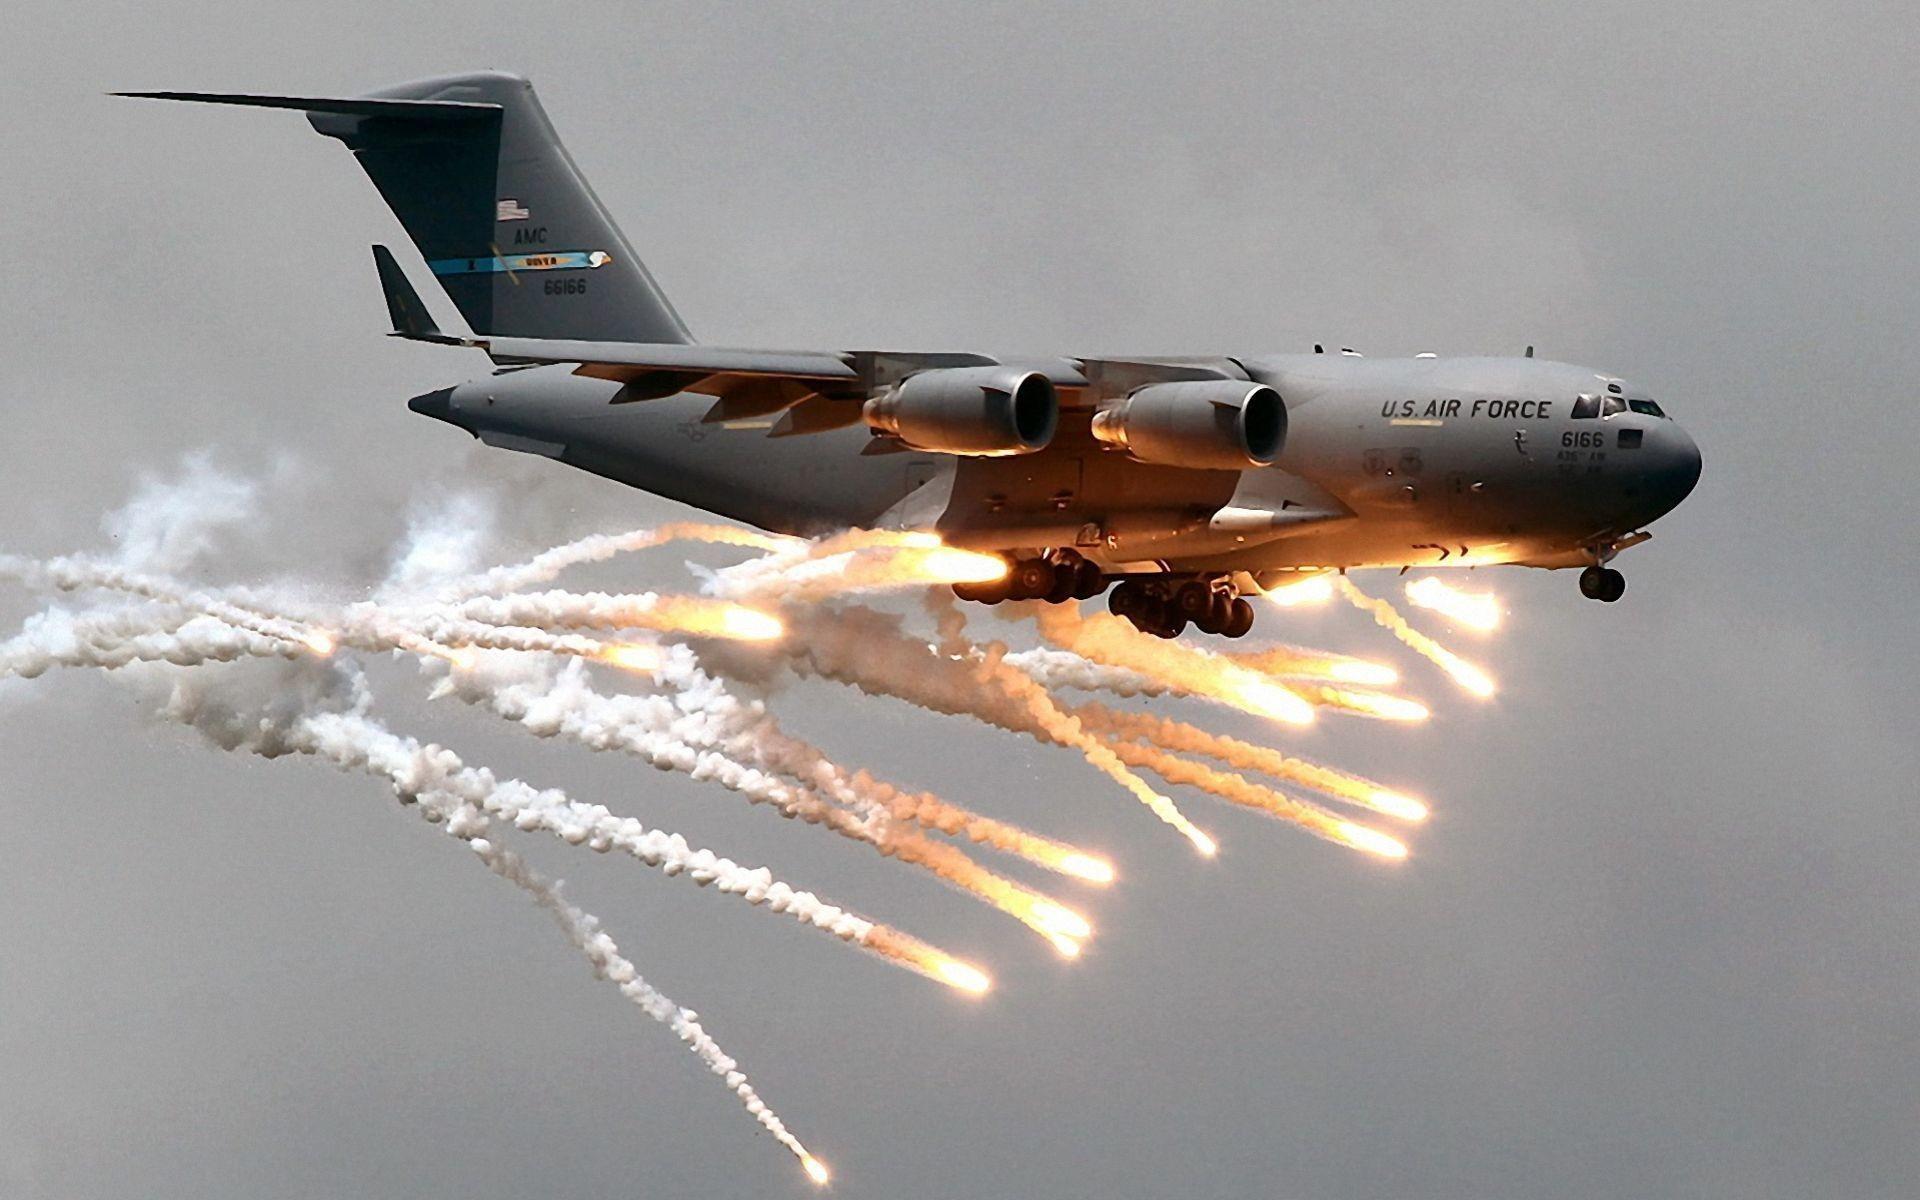 картинки американских военных самолетов они, когда